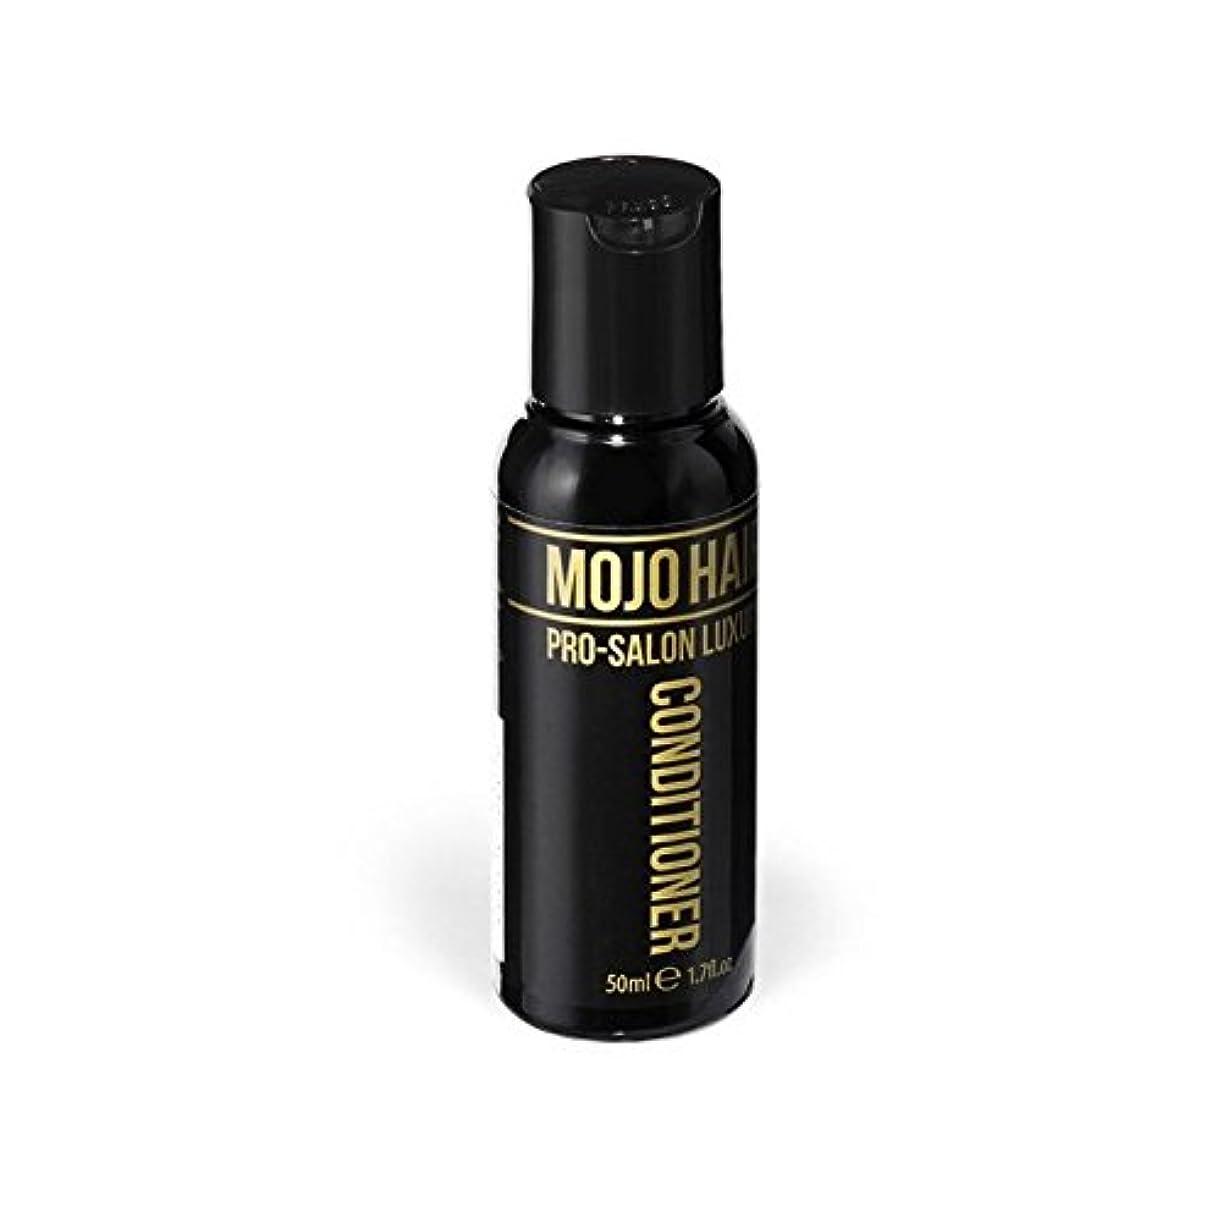 ワードローブ緊張する愛人モジョの毛プロのサロンの贅沢なコンディショナー(50ミリリットル) x4 - Mojo Hair Pro-Salon Luxury Conditioner (50ml) (Pack of 4) [並行輸入品]